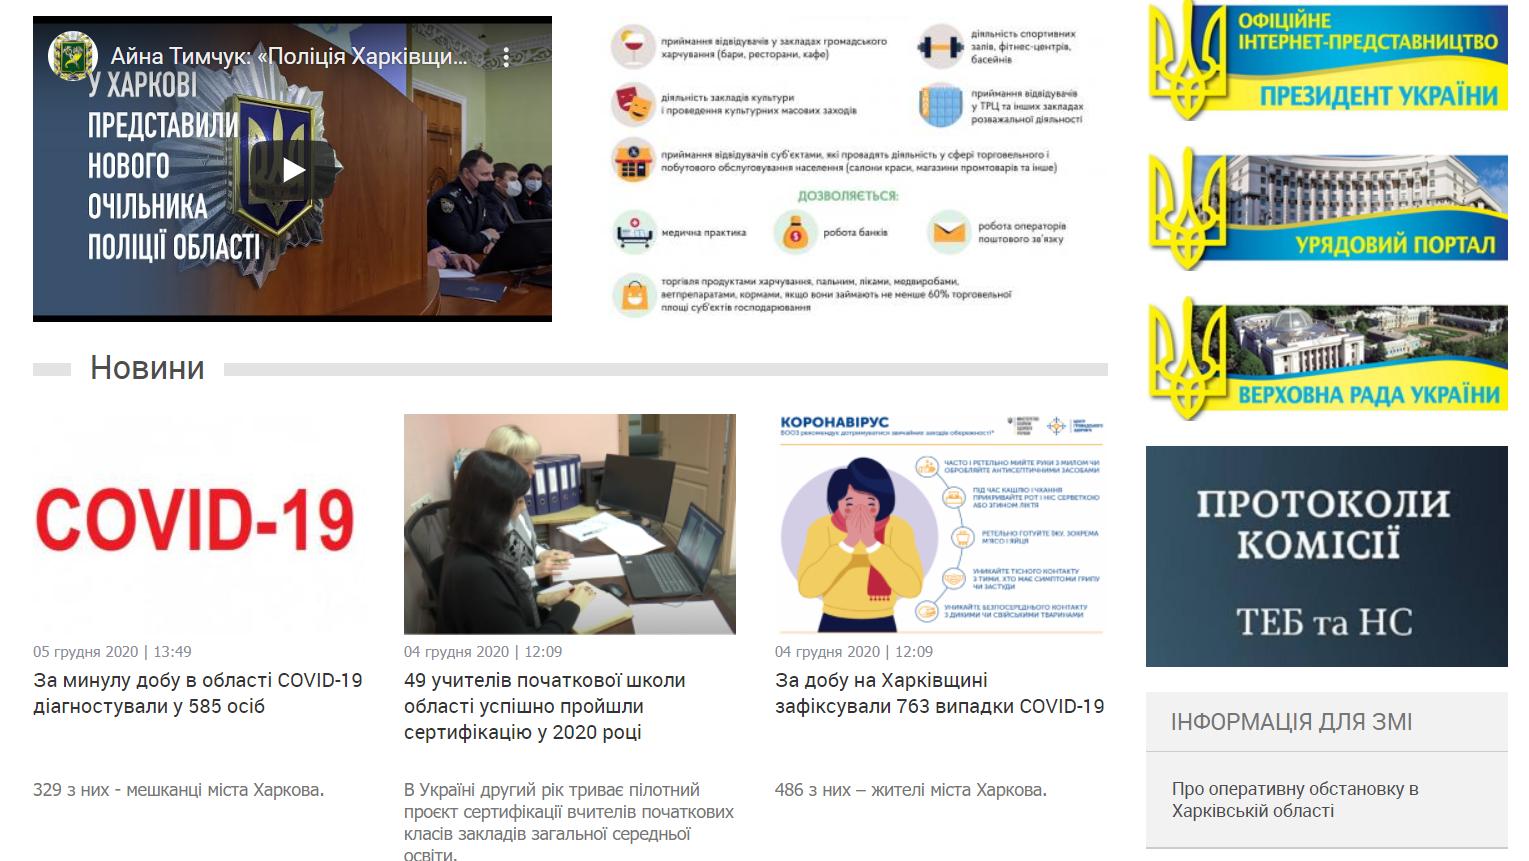 На сайті Харківської ОДА немає вітання з Днем української армії